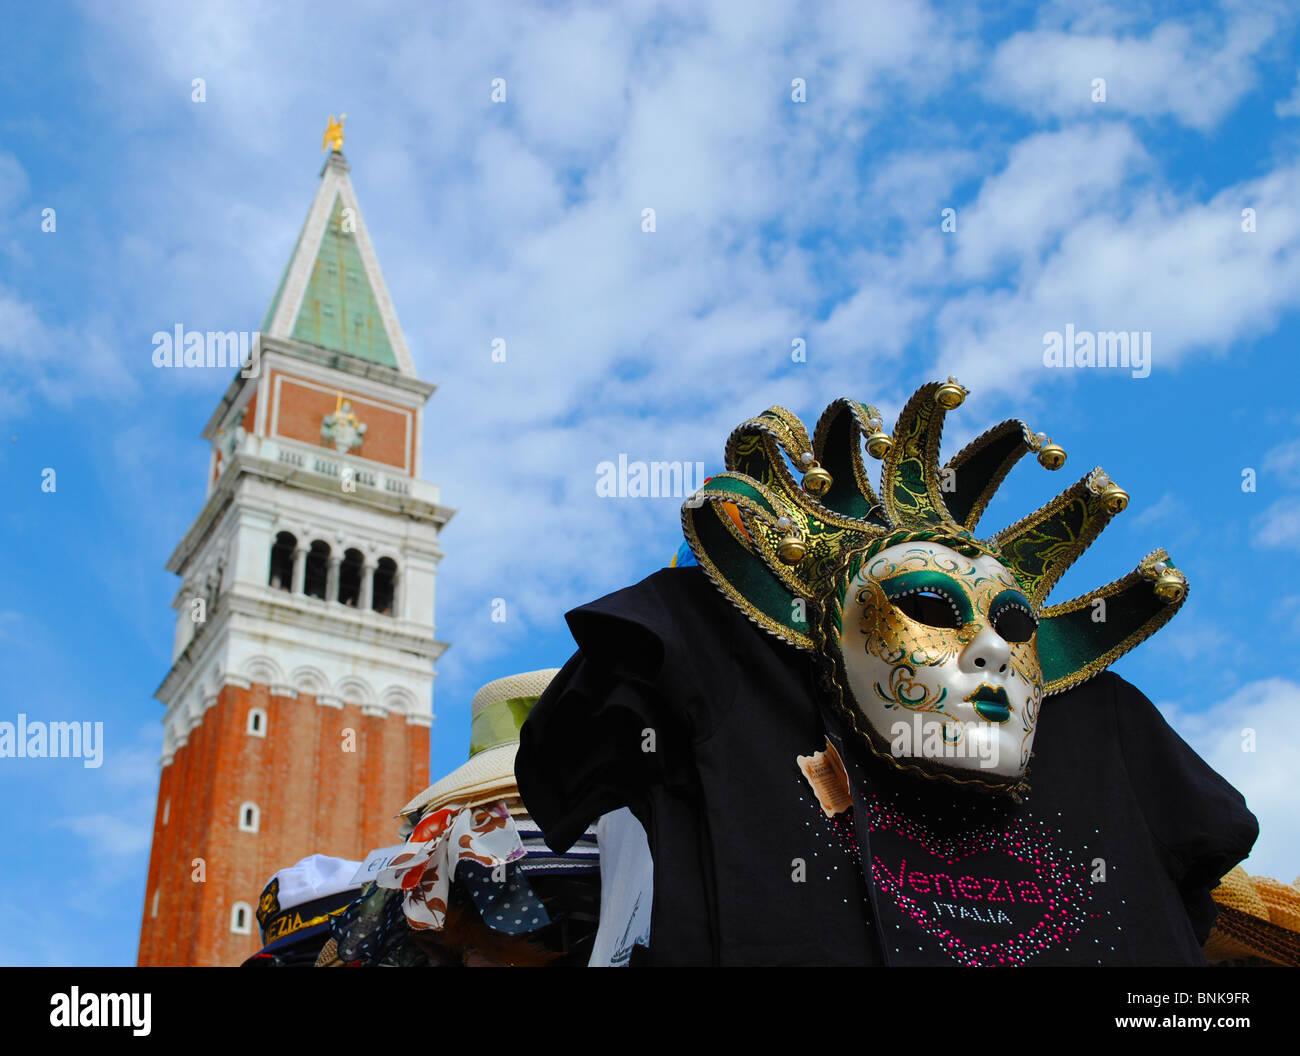 Máscara y torre campanario en la plaza de San Marcos, en Venecia, Italia Imagen De Stock